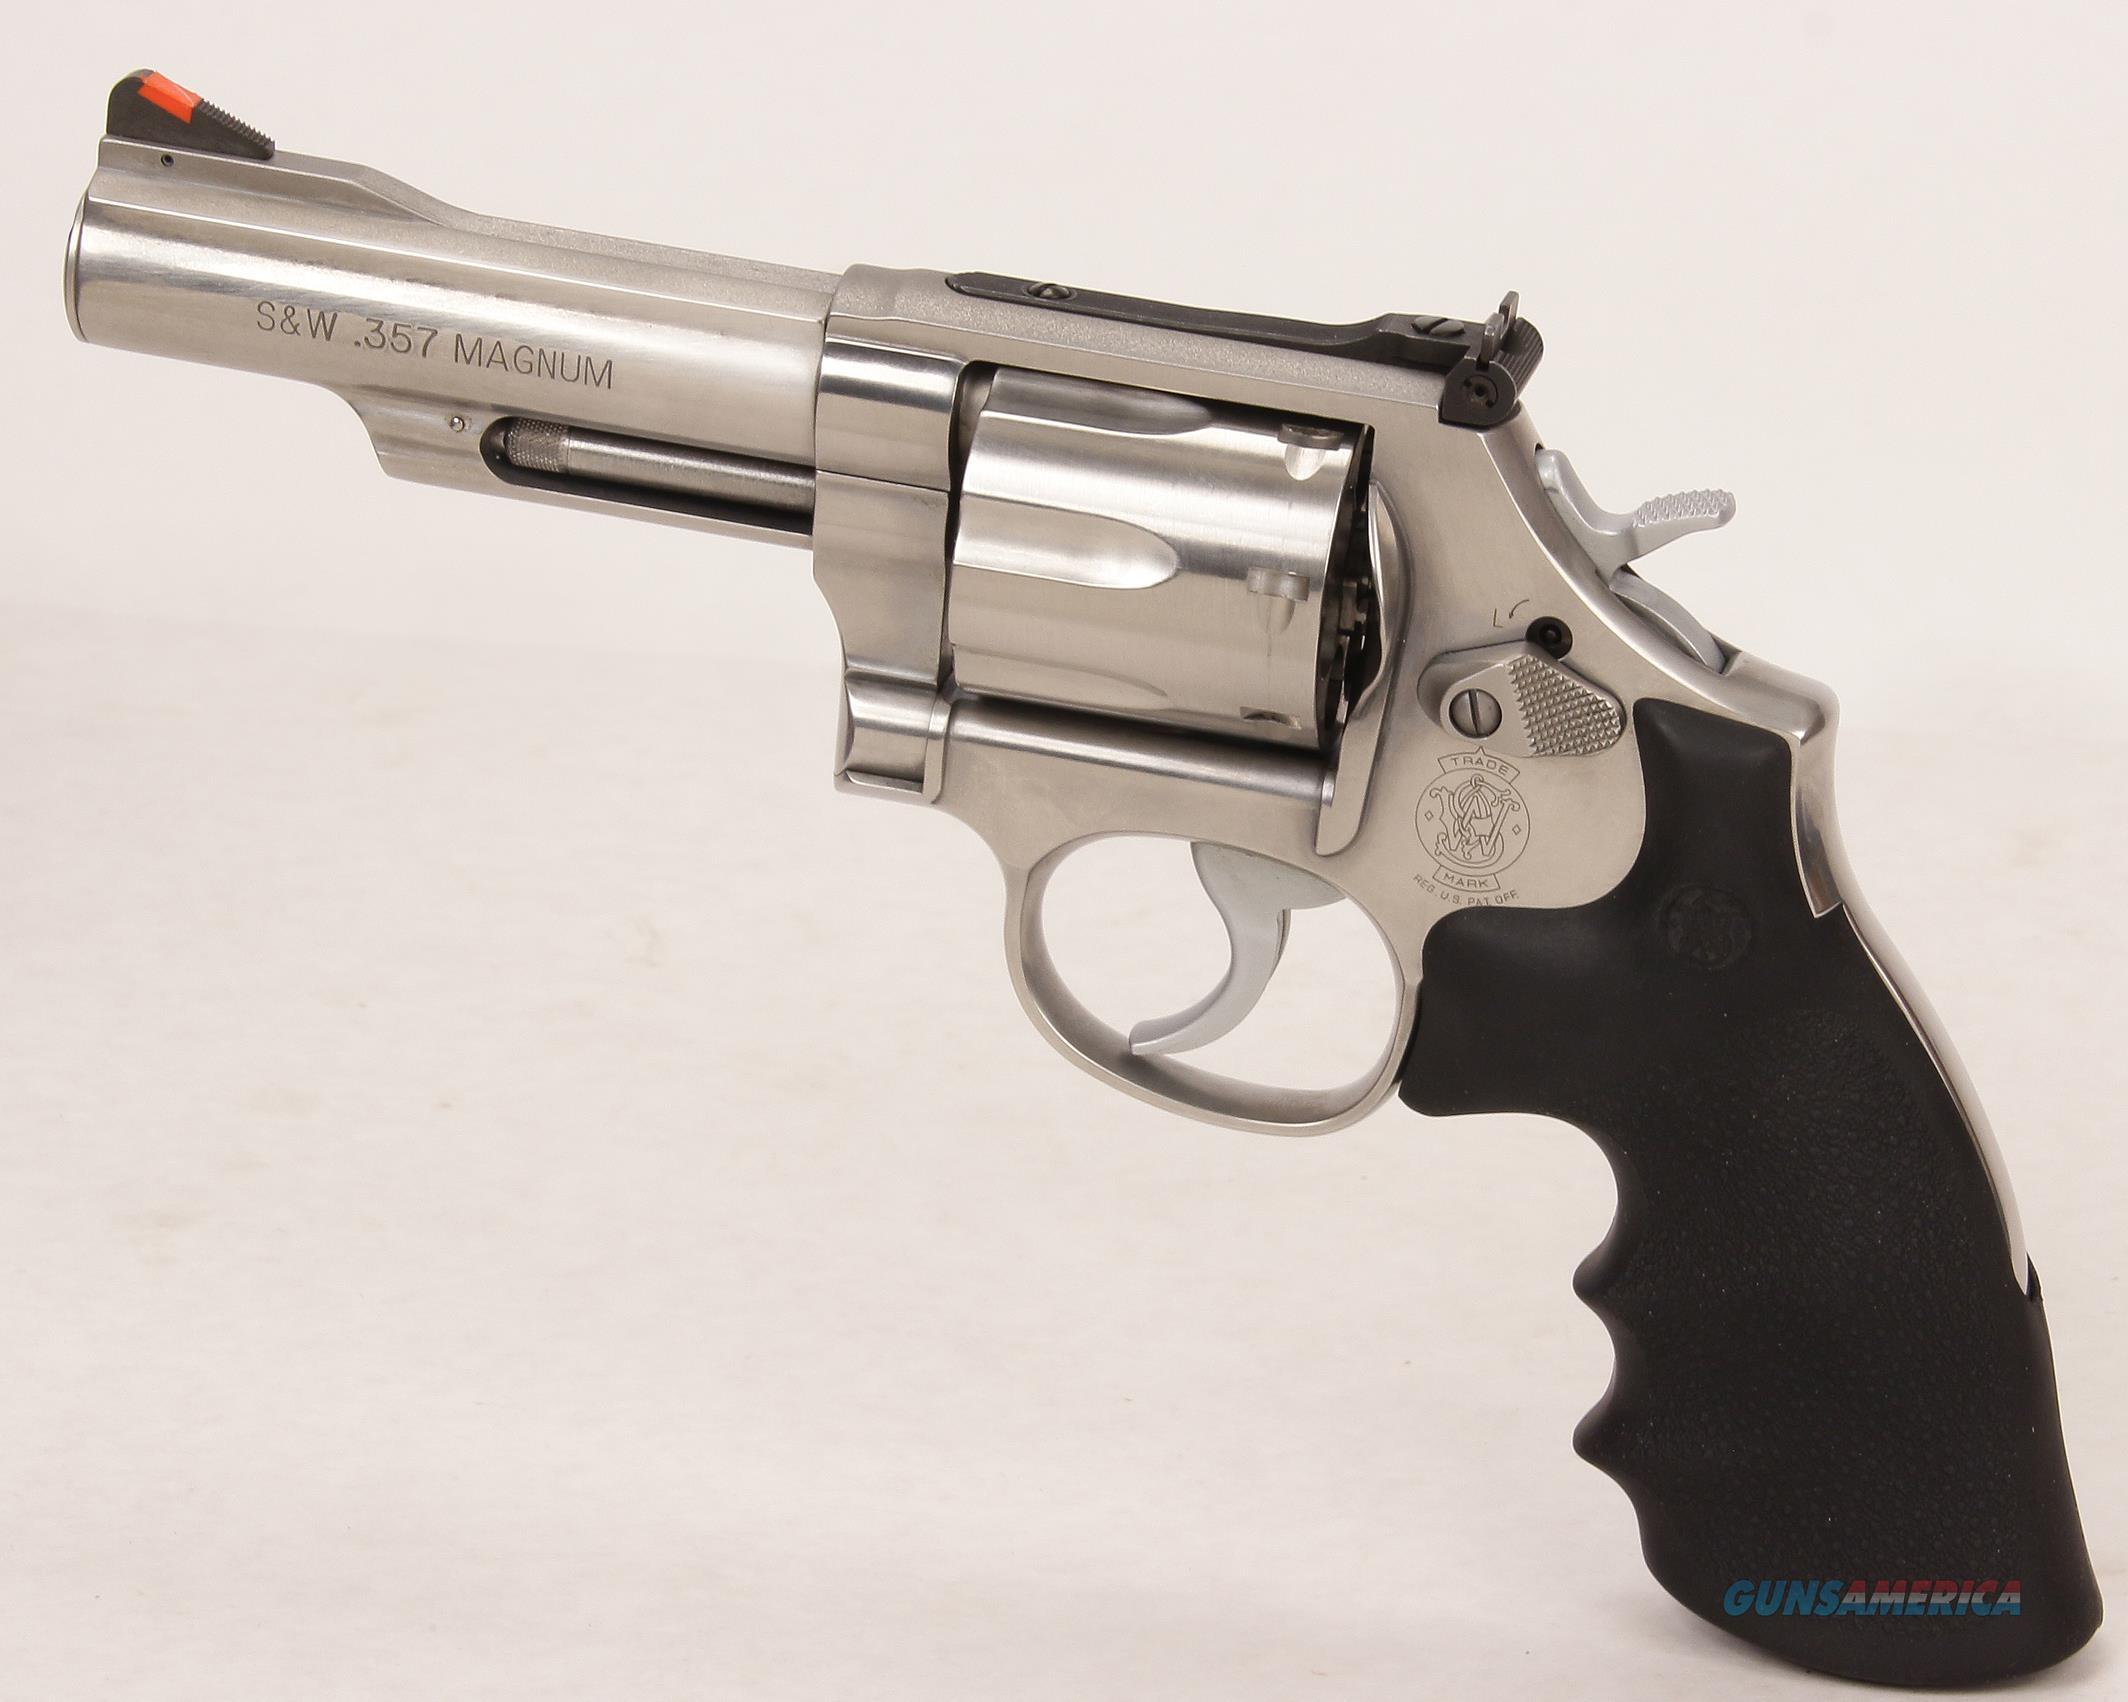 Smith & Wesson 357 Magnum Model 620 Revolver  Guns > Pistols > Smith & Wesson Revolvers > Full Frame Revolver